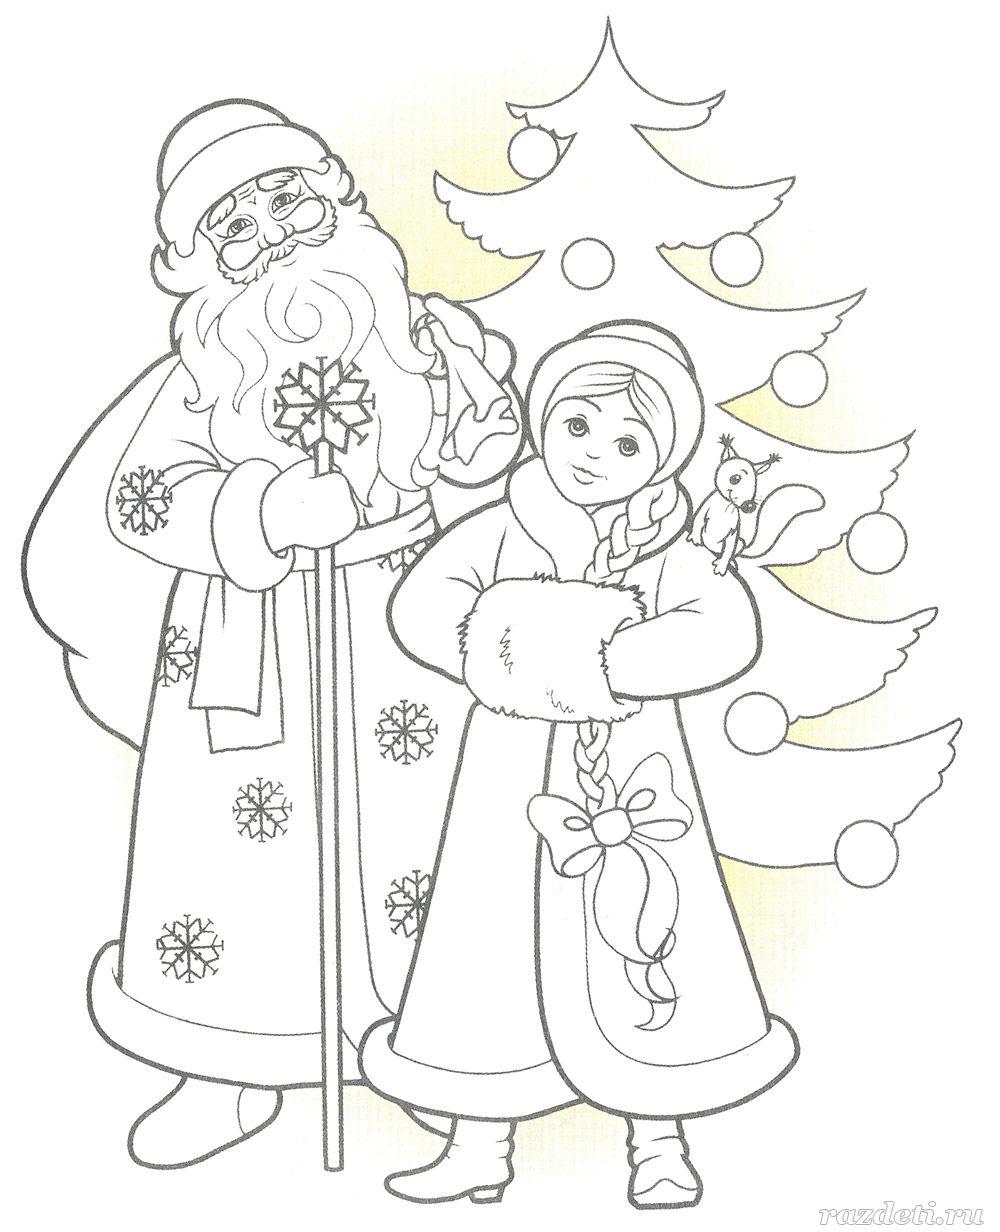 Новогодние картинки раскраска дед мороз елка и снегурочка